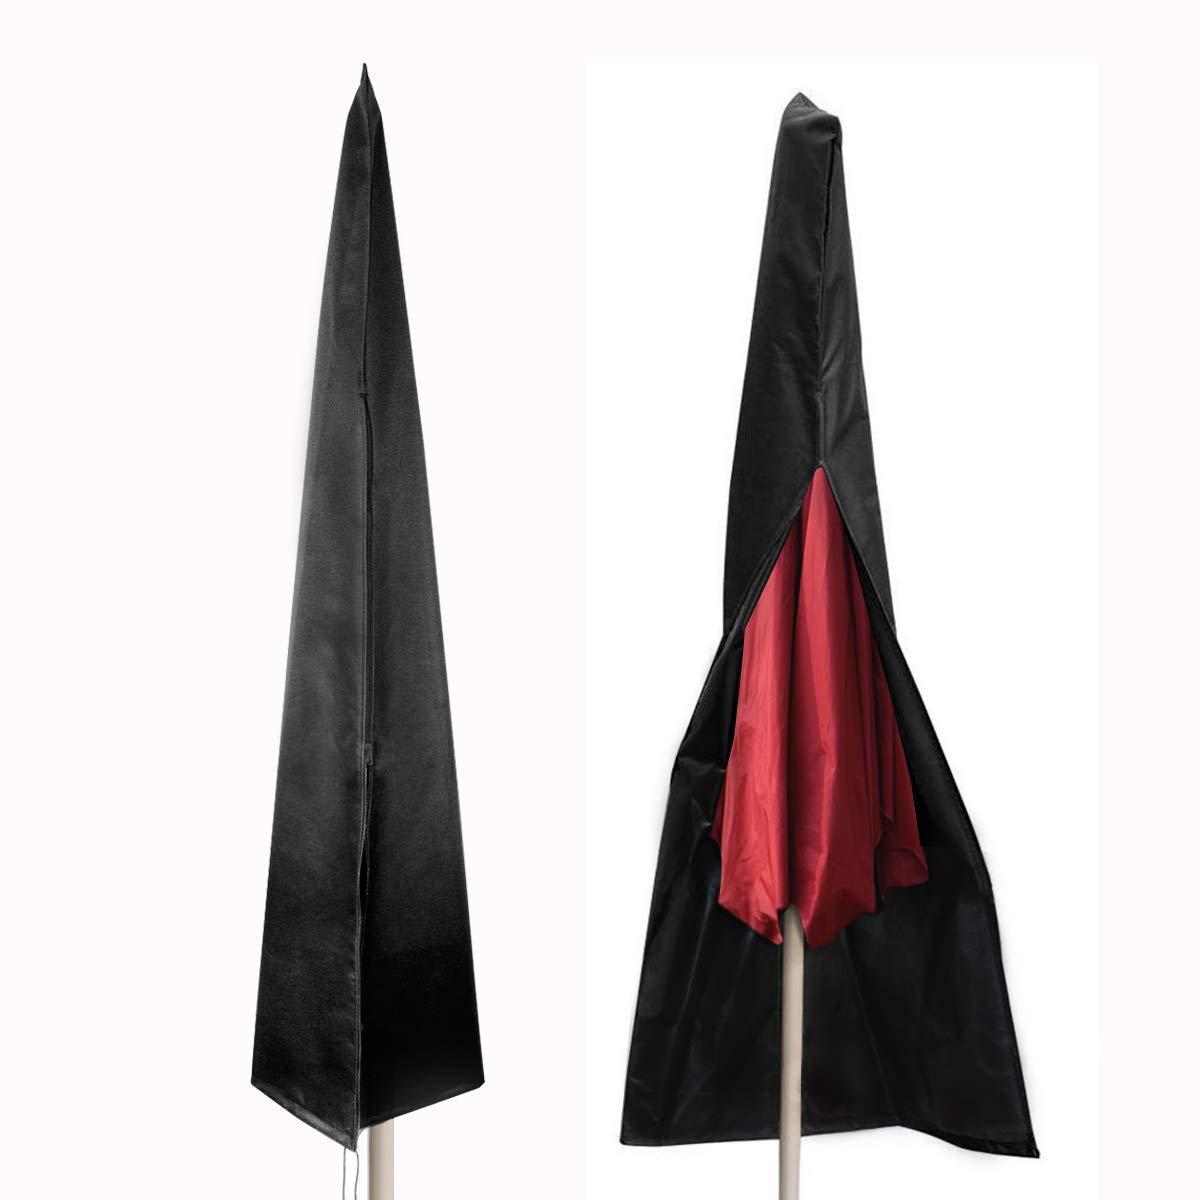 bedee Housse de Protection pour Parasol Classique, 210D Oxford Couverture (Diamètre de Parasol 2.4-3.5m), Antipoussière Imperméable Résistant aux UV Intempéries, avec Sac de Rangement